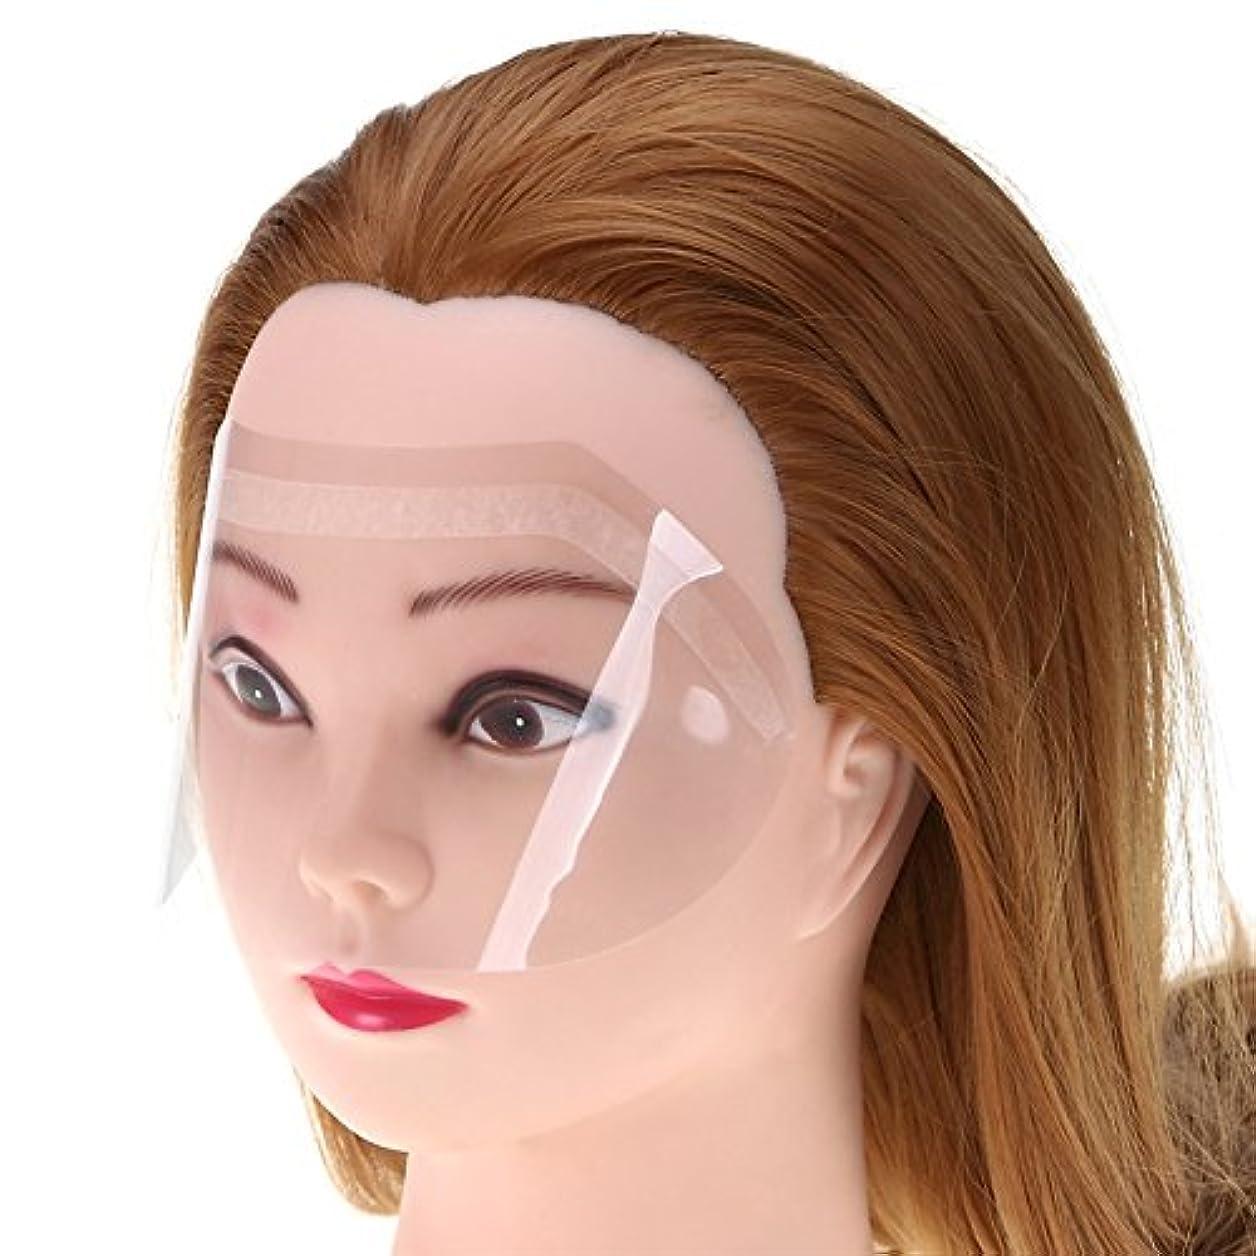 故障中改修する失態50ピース/パック熱い販売サロンヘアアクセサリーヘアアイプロテクターヘアフェイスカバーほこりを避けプロサロンツール